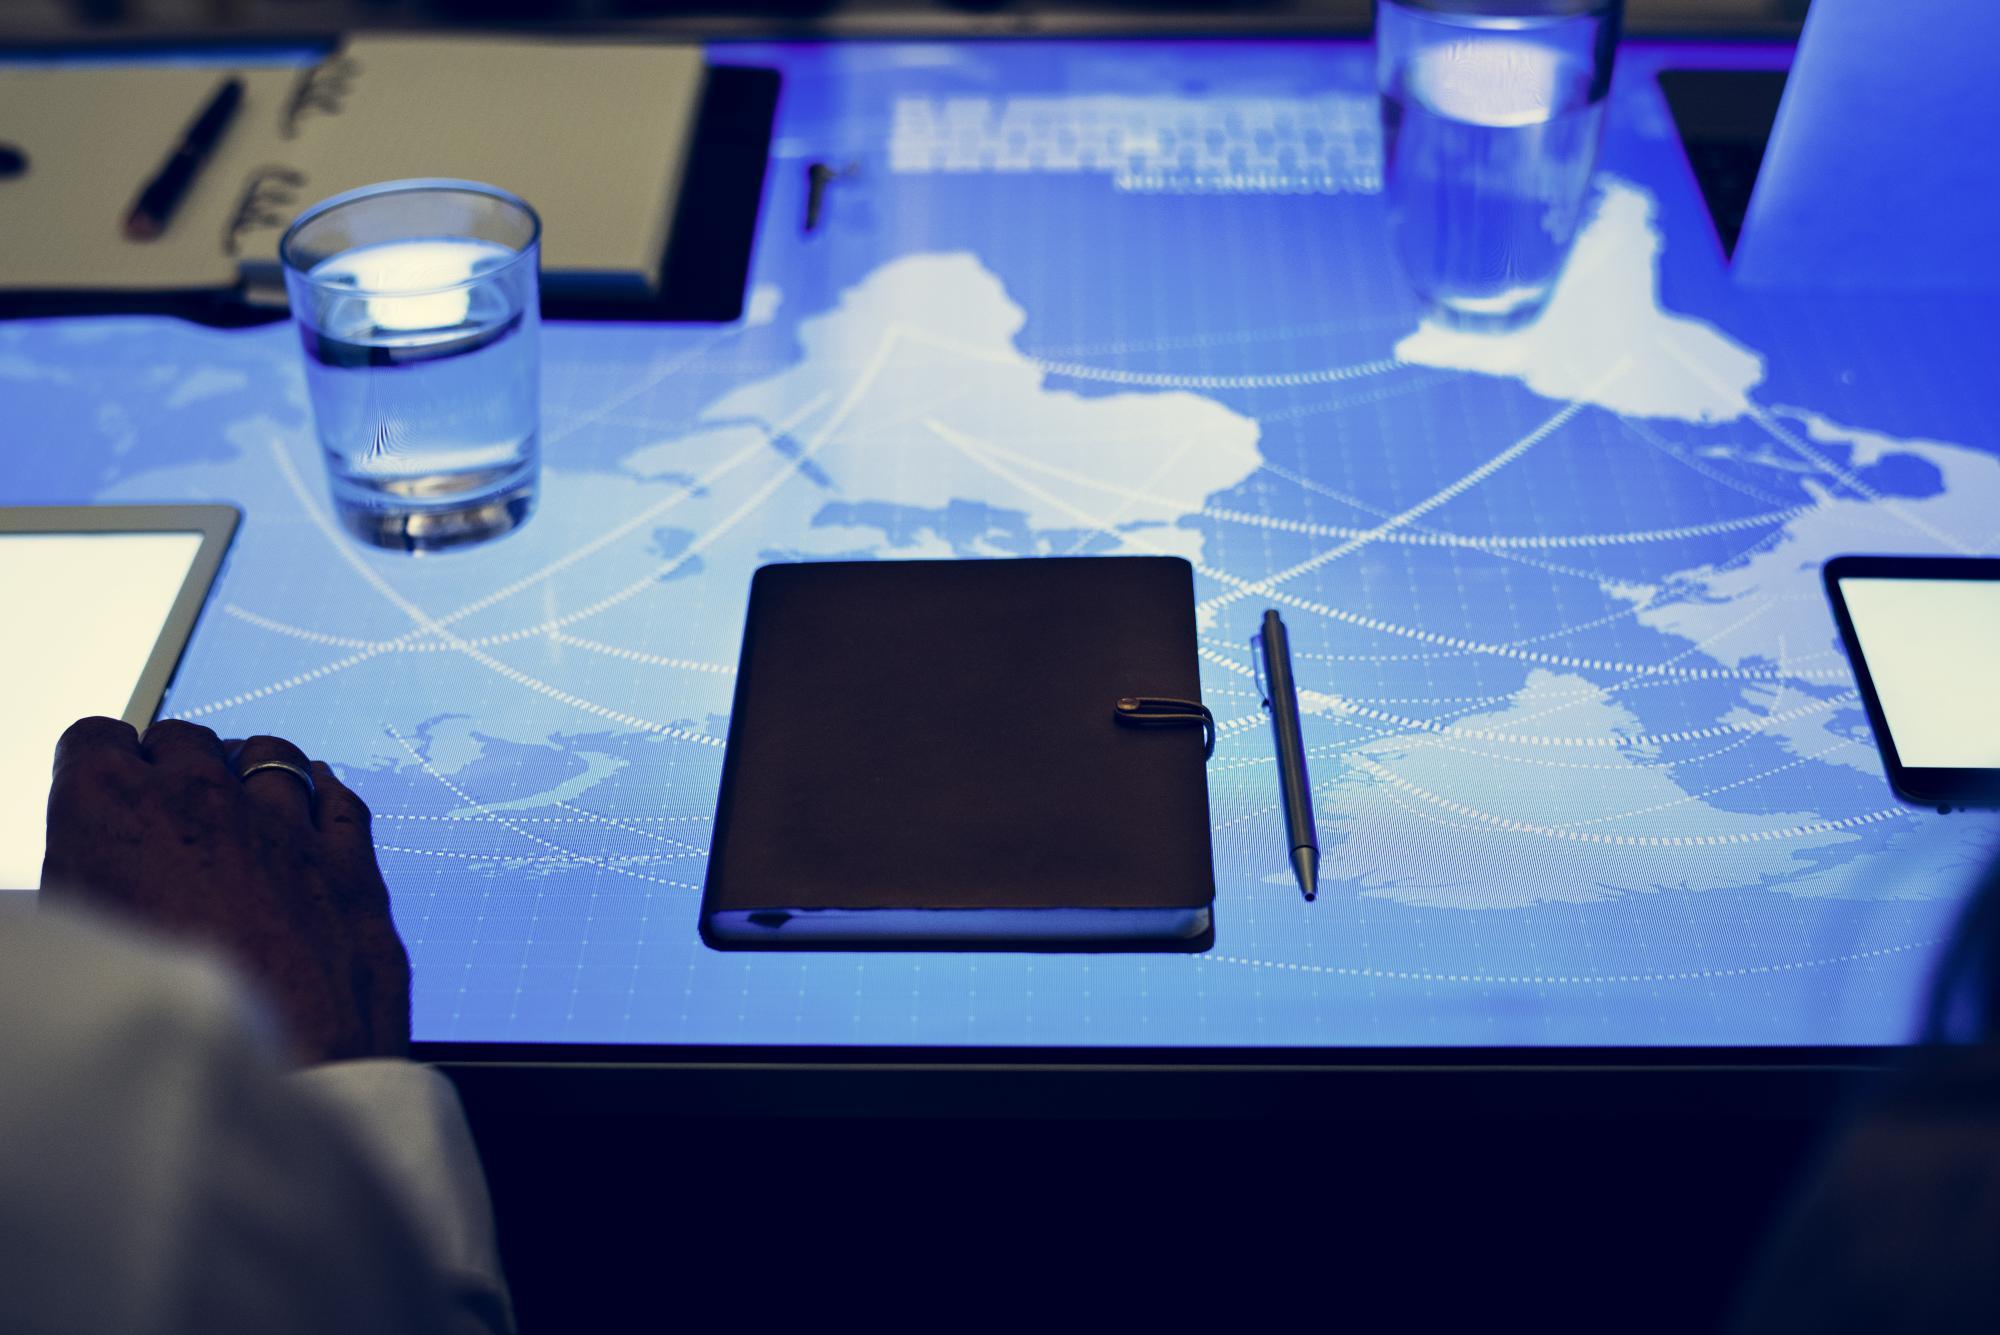 ОЭСР продолжает работу в рамках плана BEPS